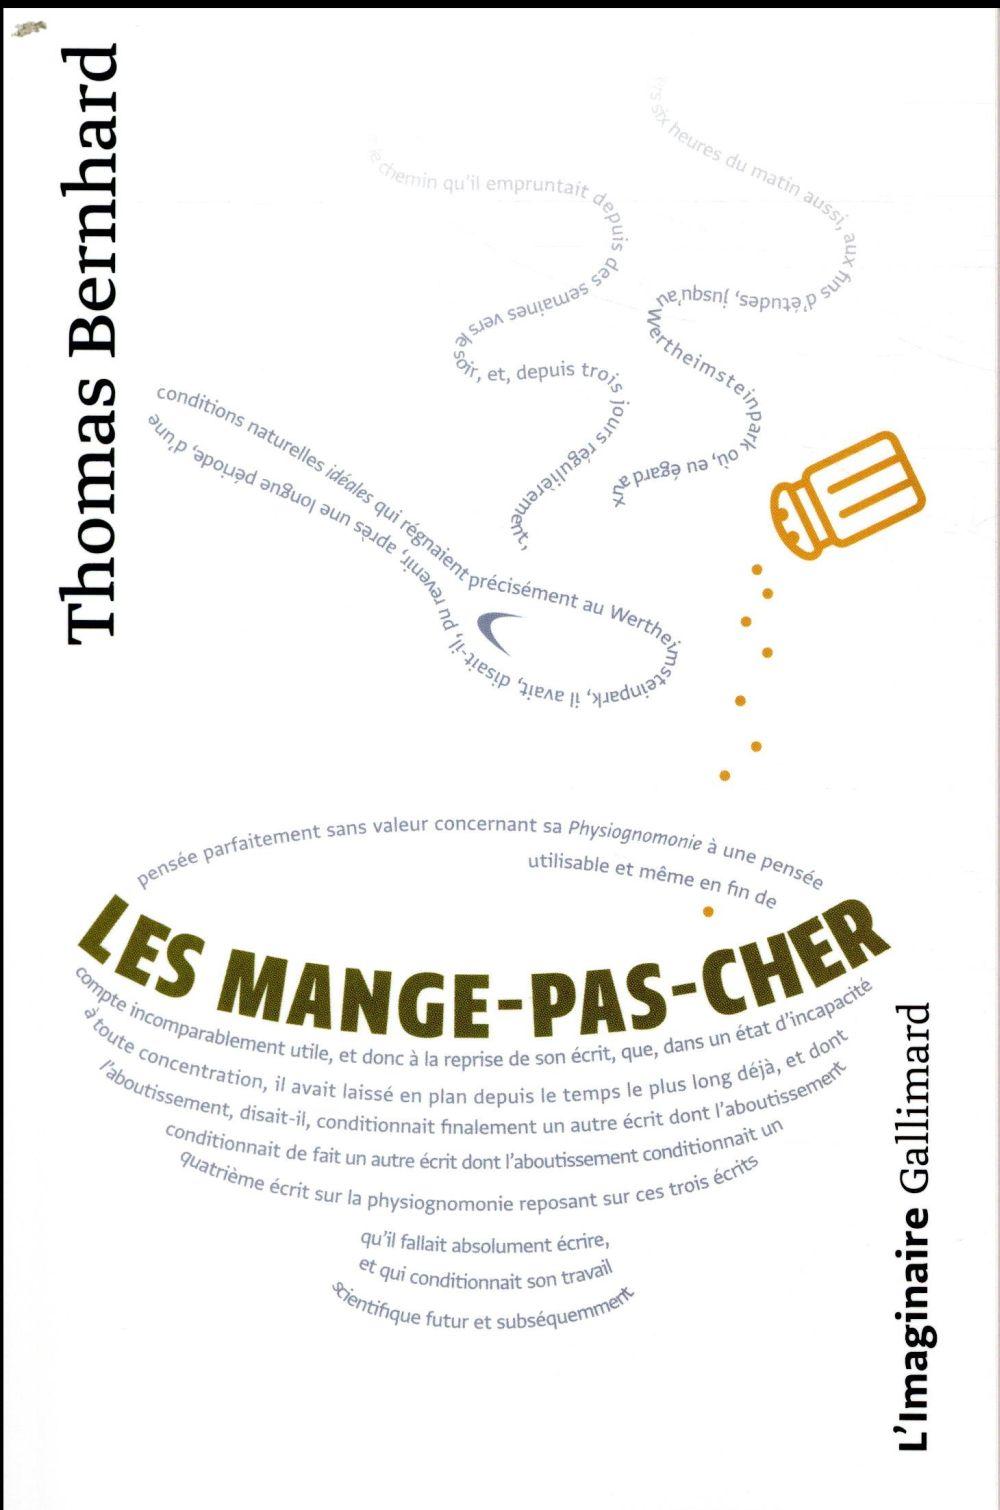 LES MANGE-PAS-CHER  GALLIMARD